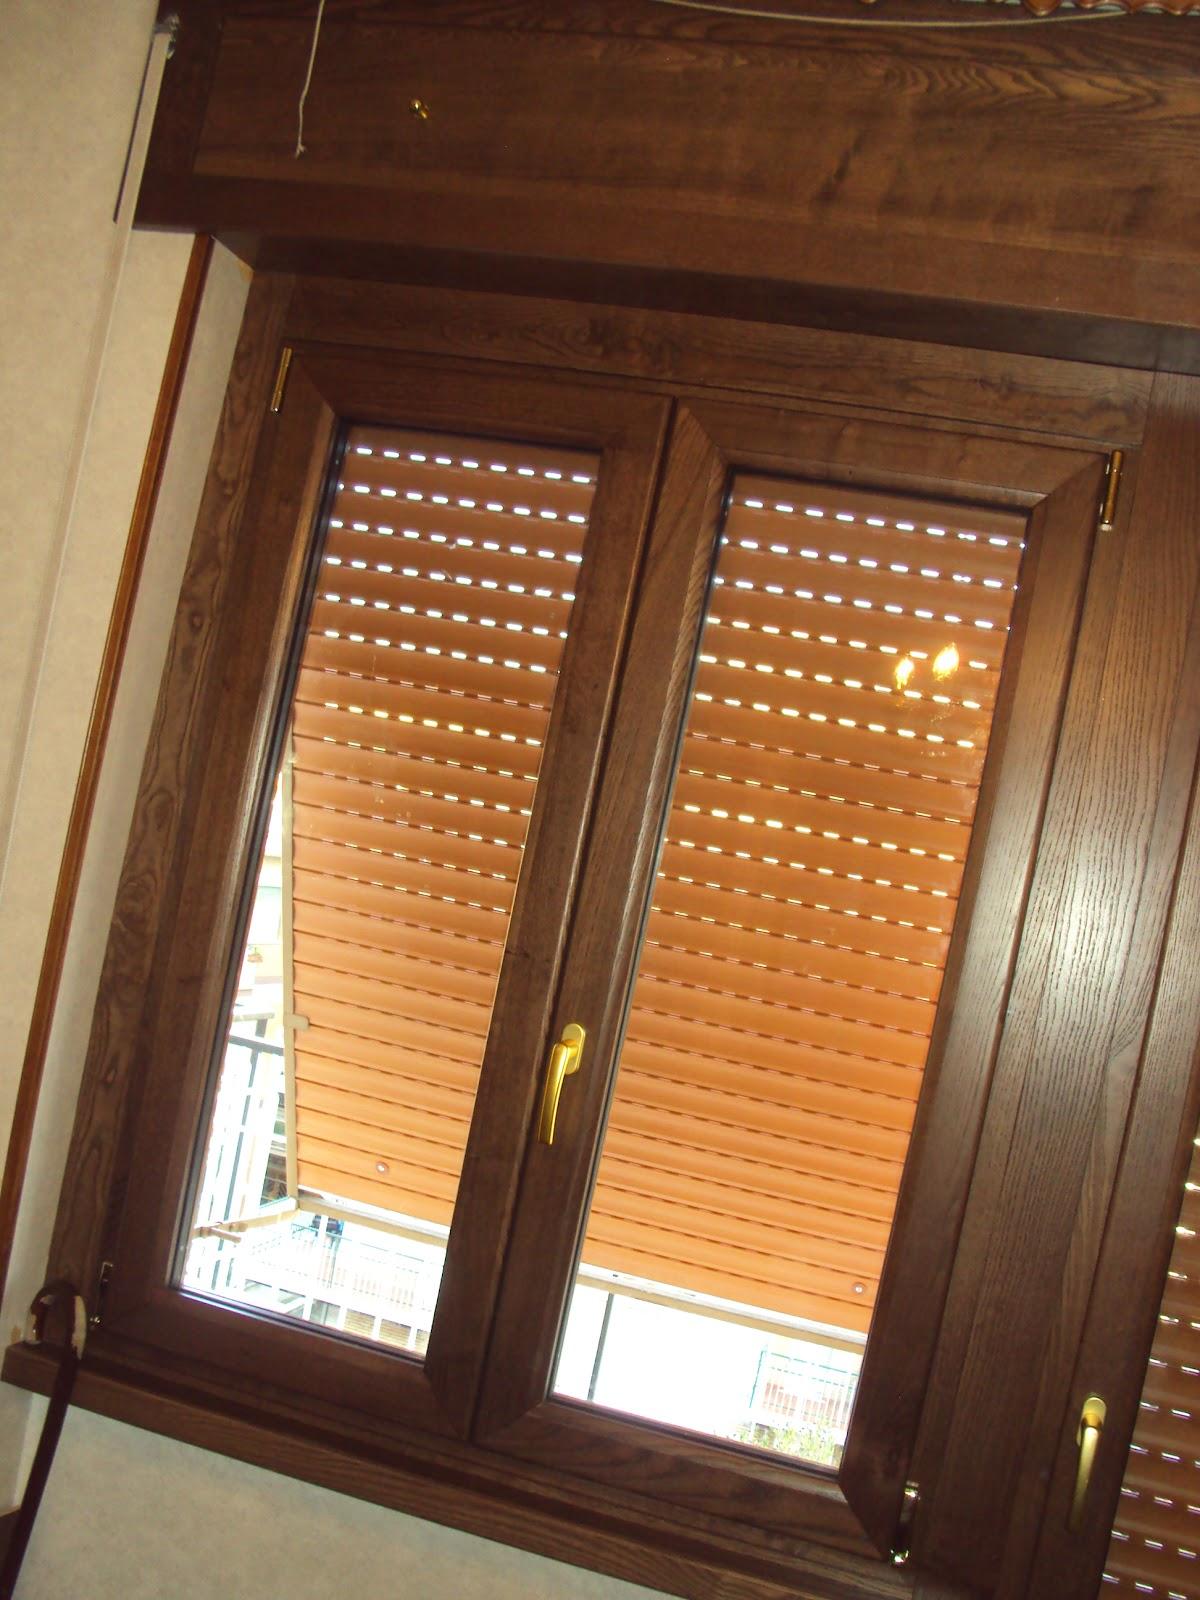 Mille porte e tende le nostre meravigliose finestre in legno alluminio della ts infissi - Finestre di legno ...